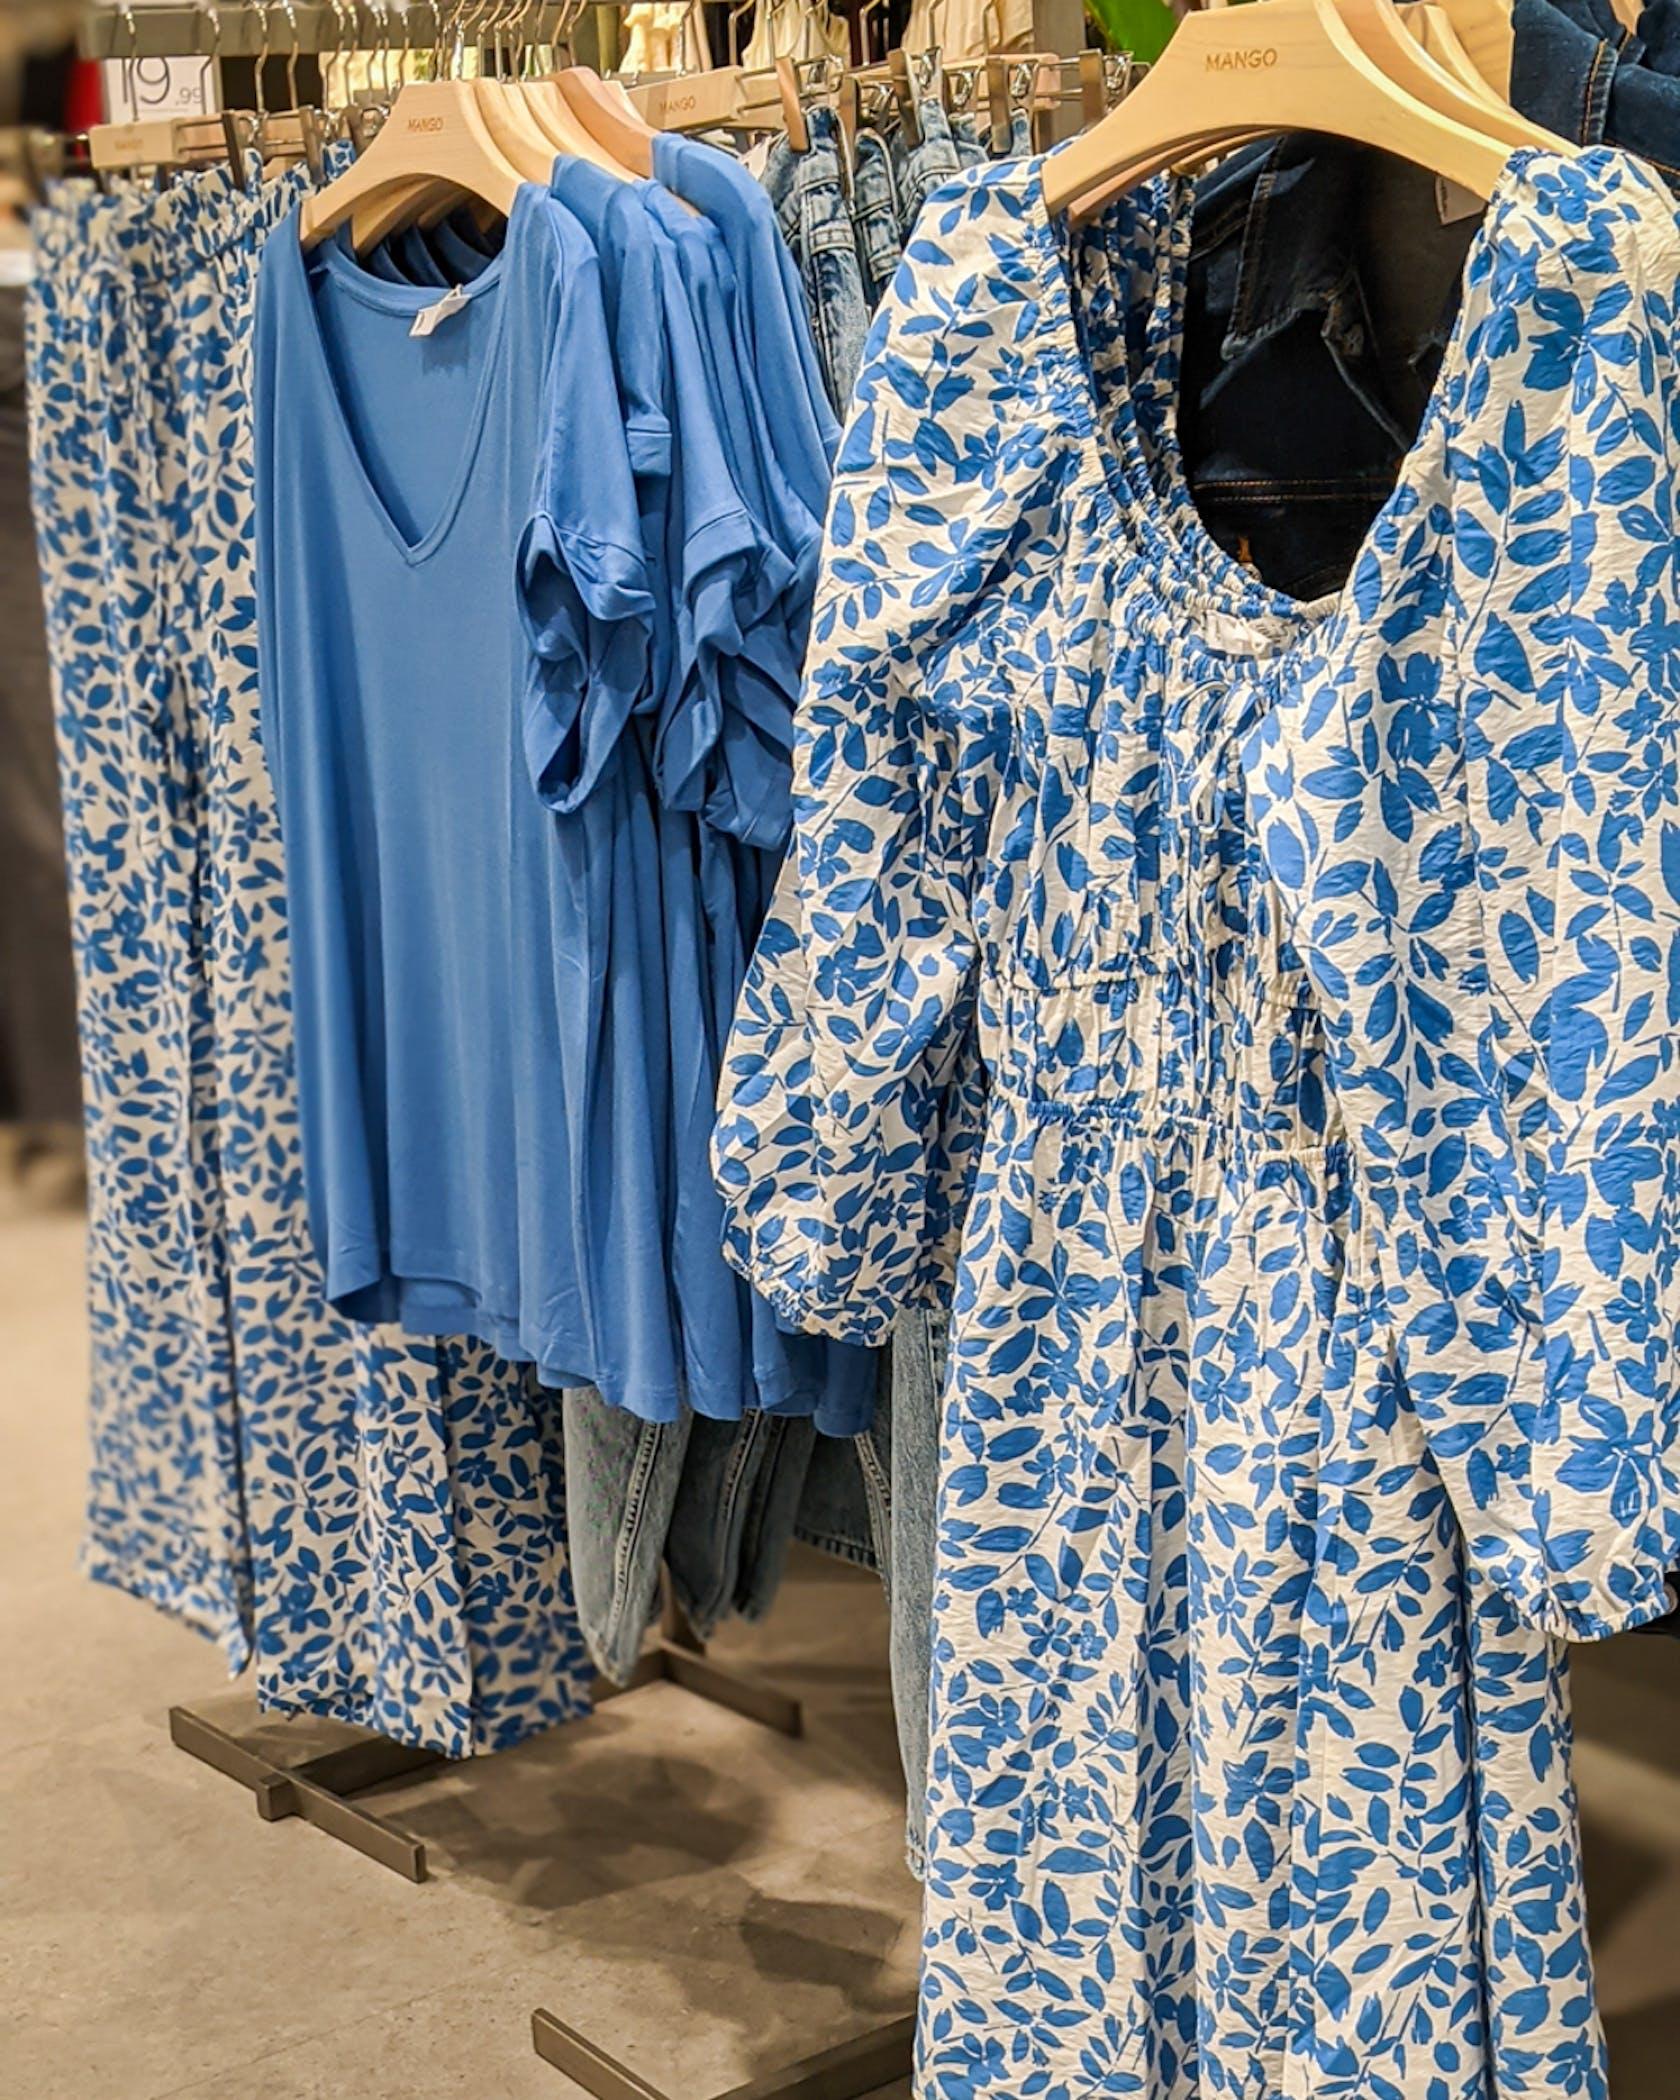 Kleid und Hose mit Blumenmuster, blaues T-Shirt